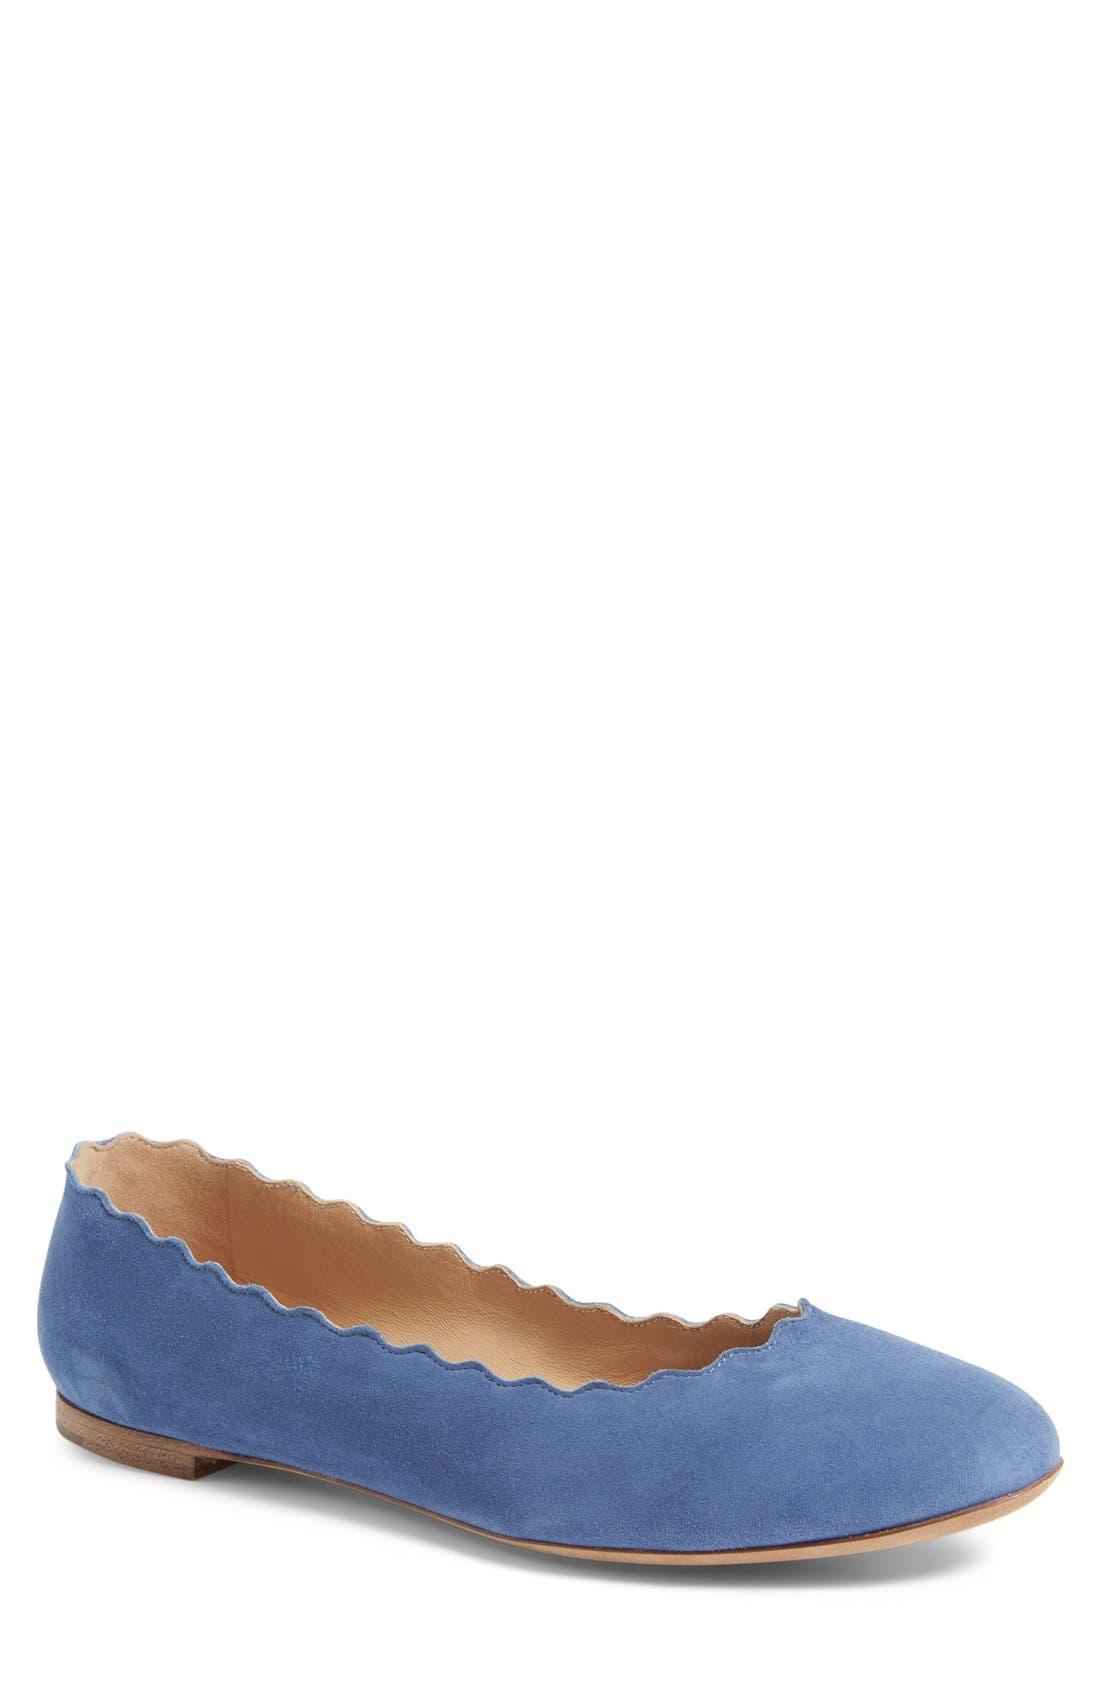 Chloé 'Lauren' Scalloped Ballet Flat (Women)